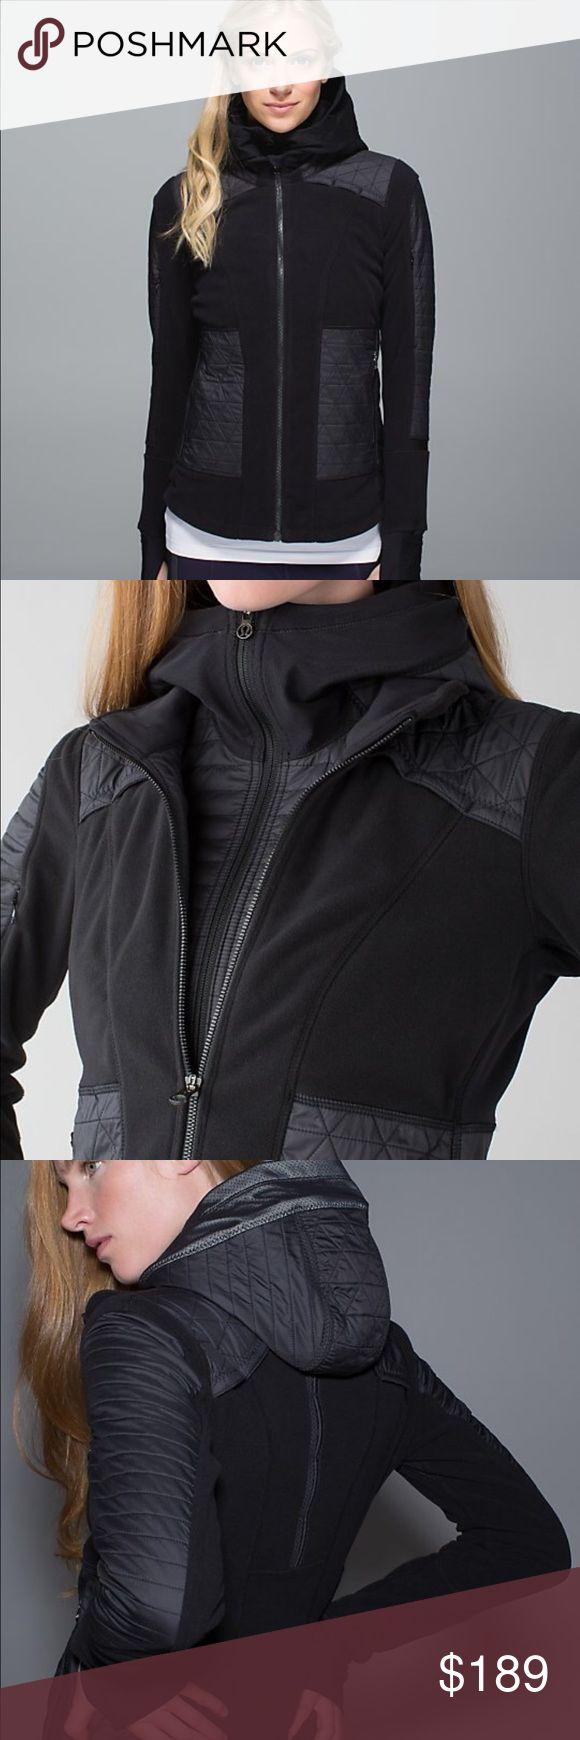 best fleece jackets images on pinterest fleece jackets wool